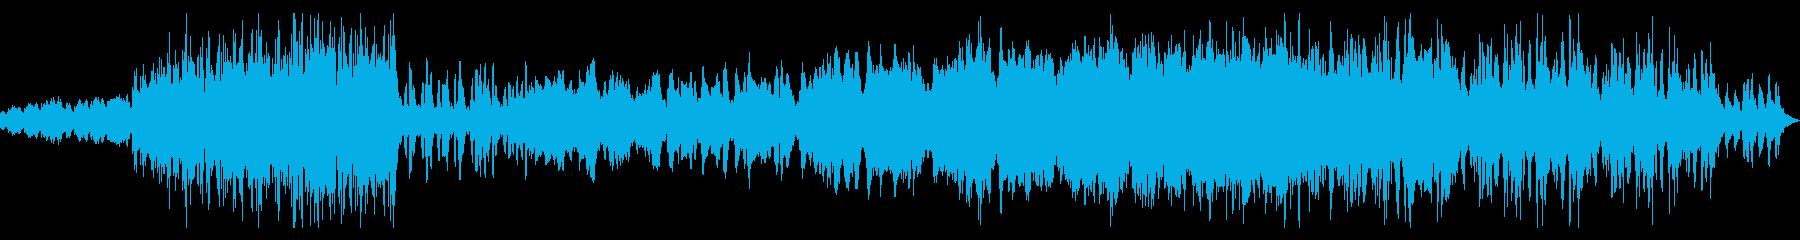 疾走感のある木管曲の再生済みの波形